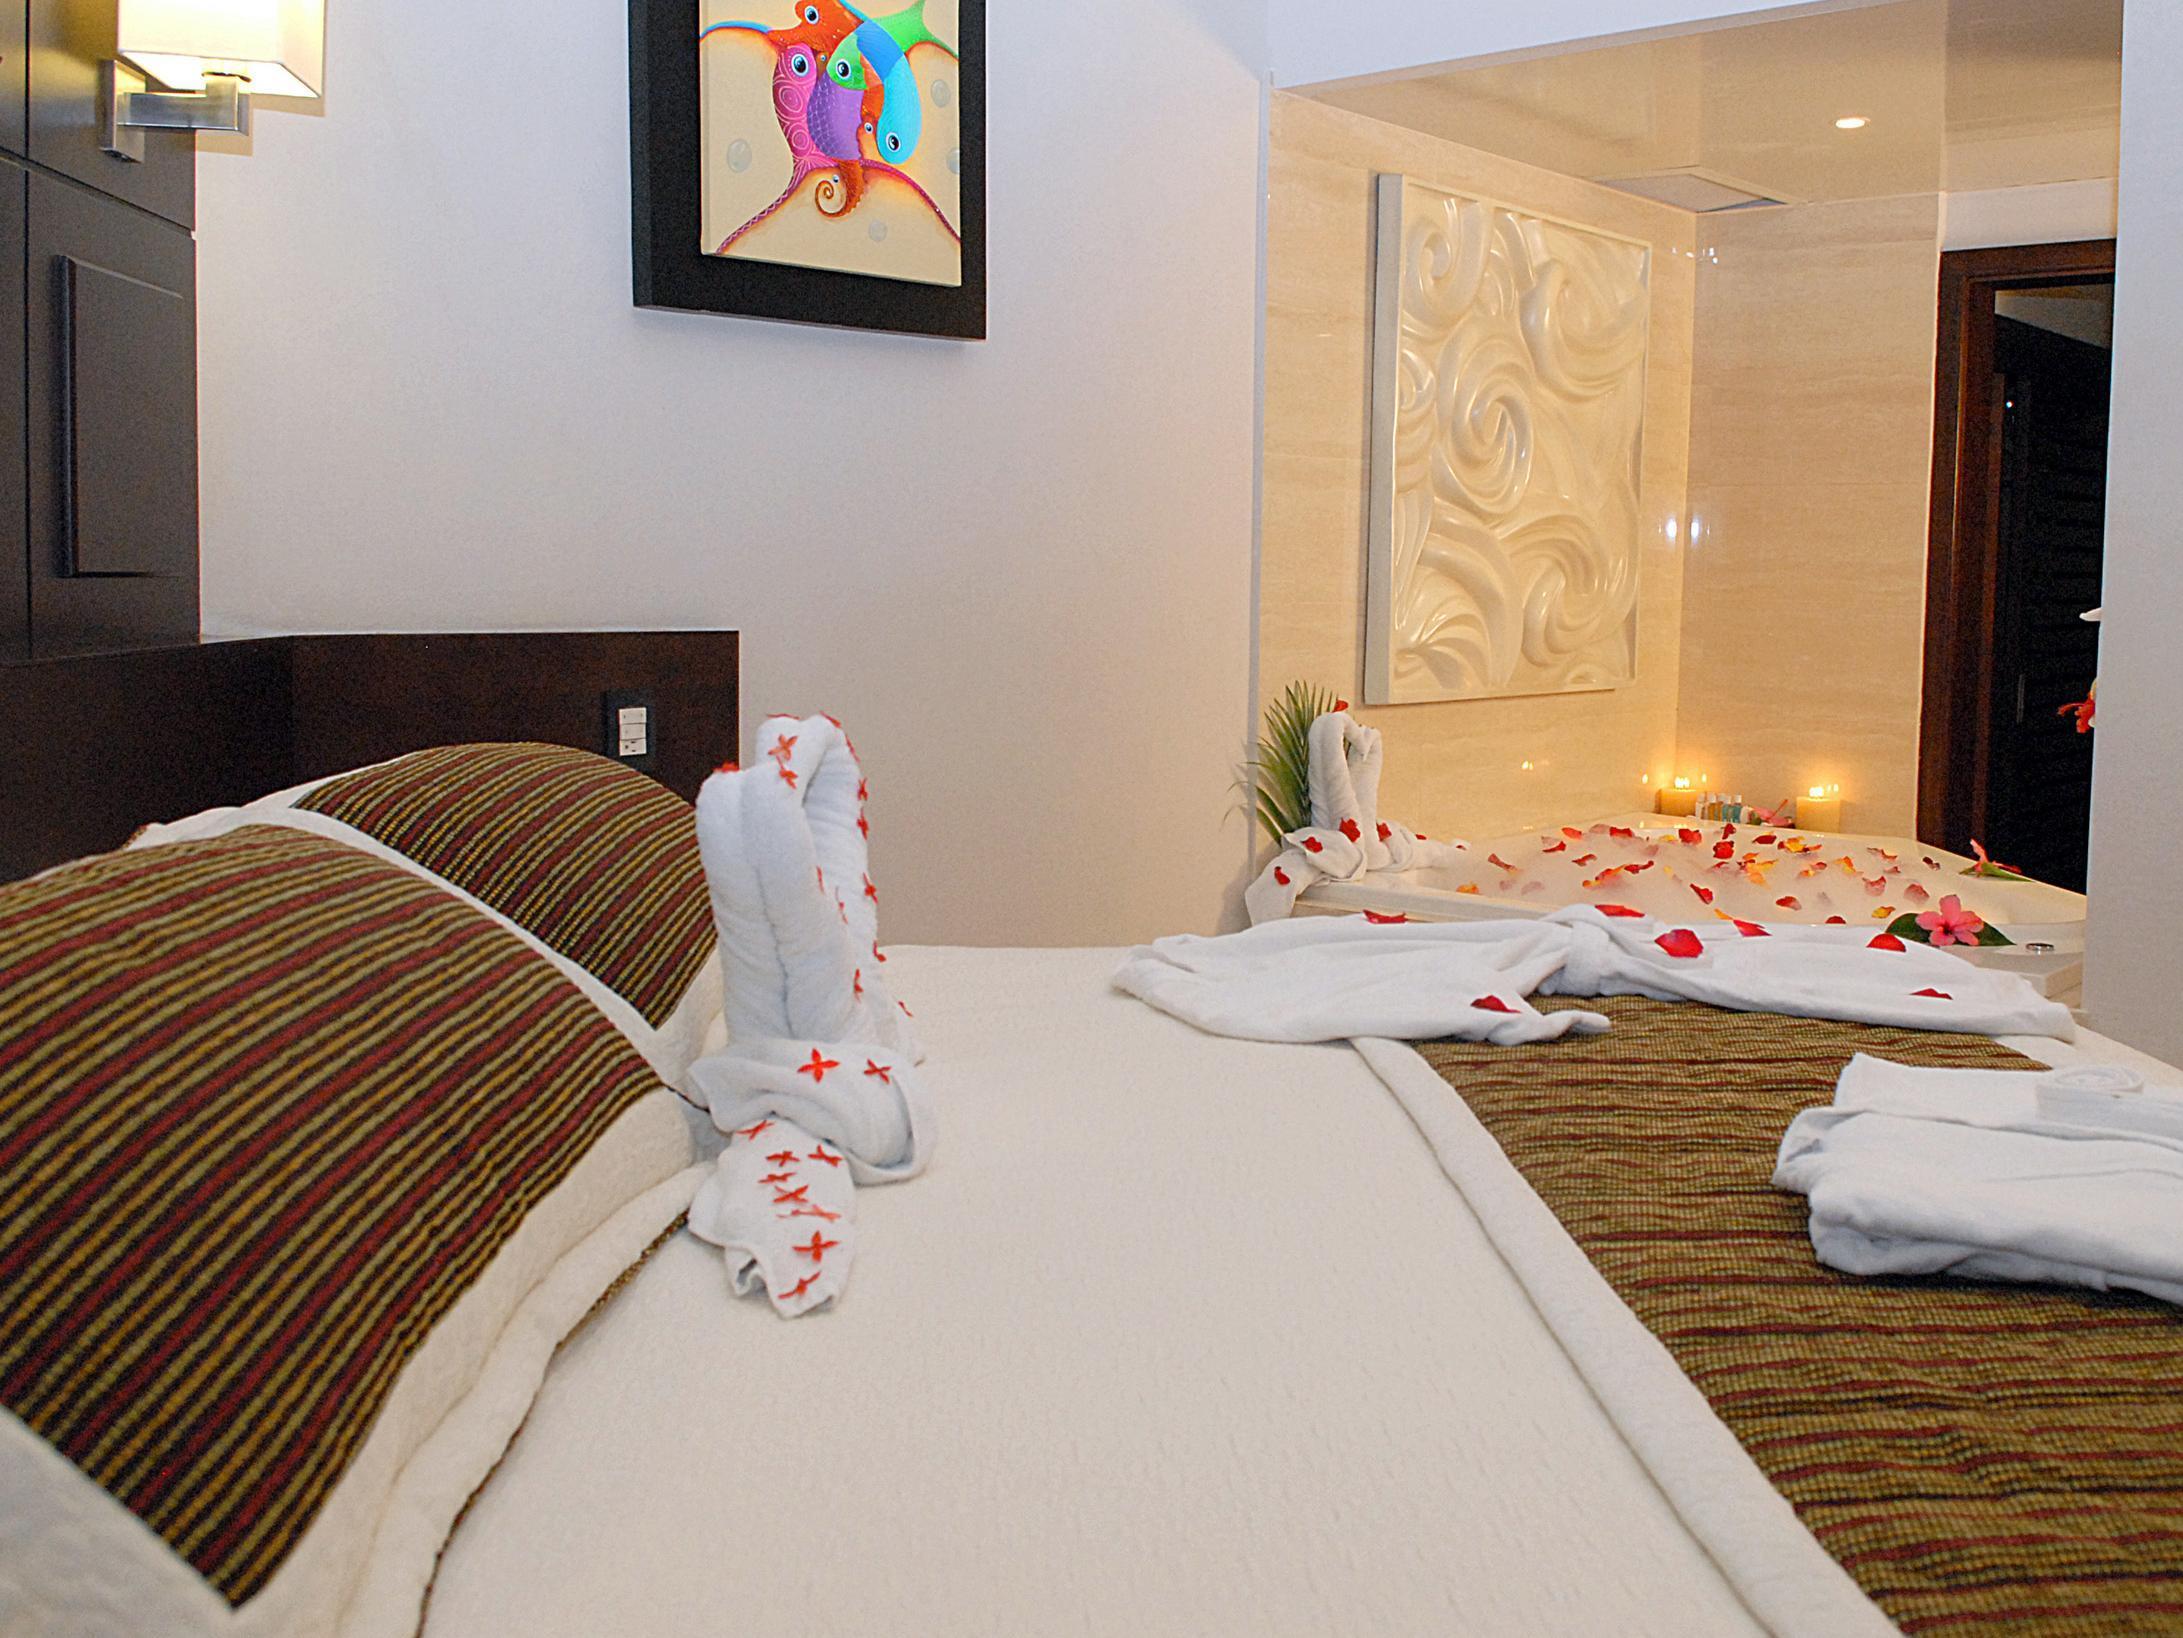 Bavaro princess all suites resort spa & casino review de beste online casino spelen bij casino action holland online